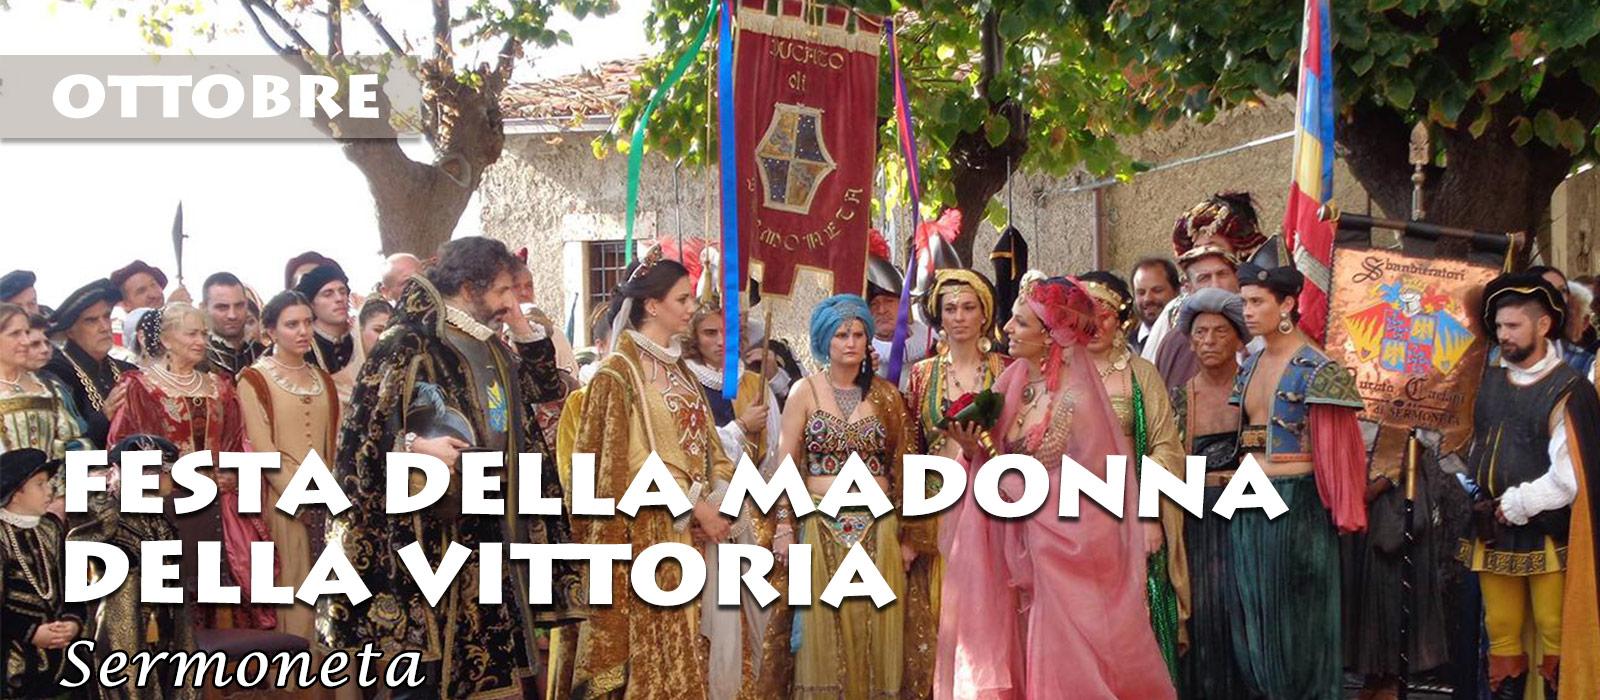 festa-della-madonna-della-vittoria-sermoneta